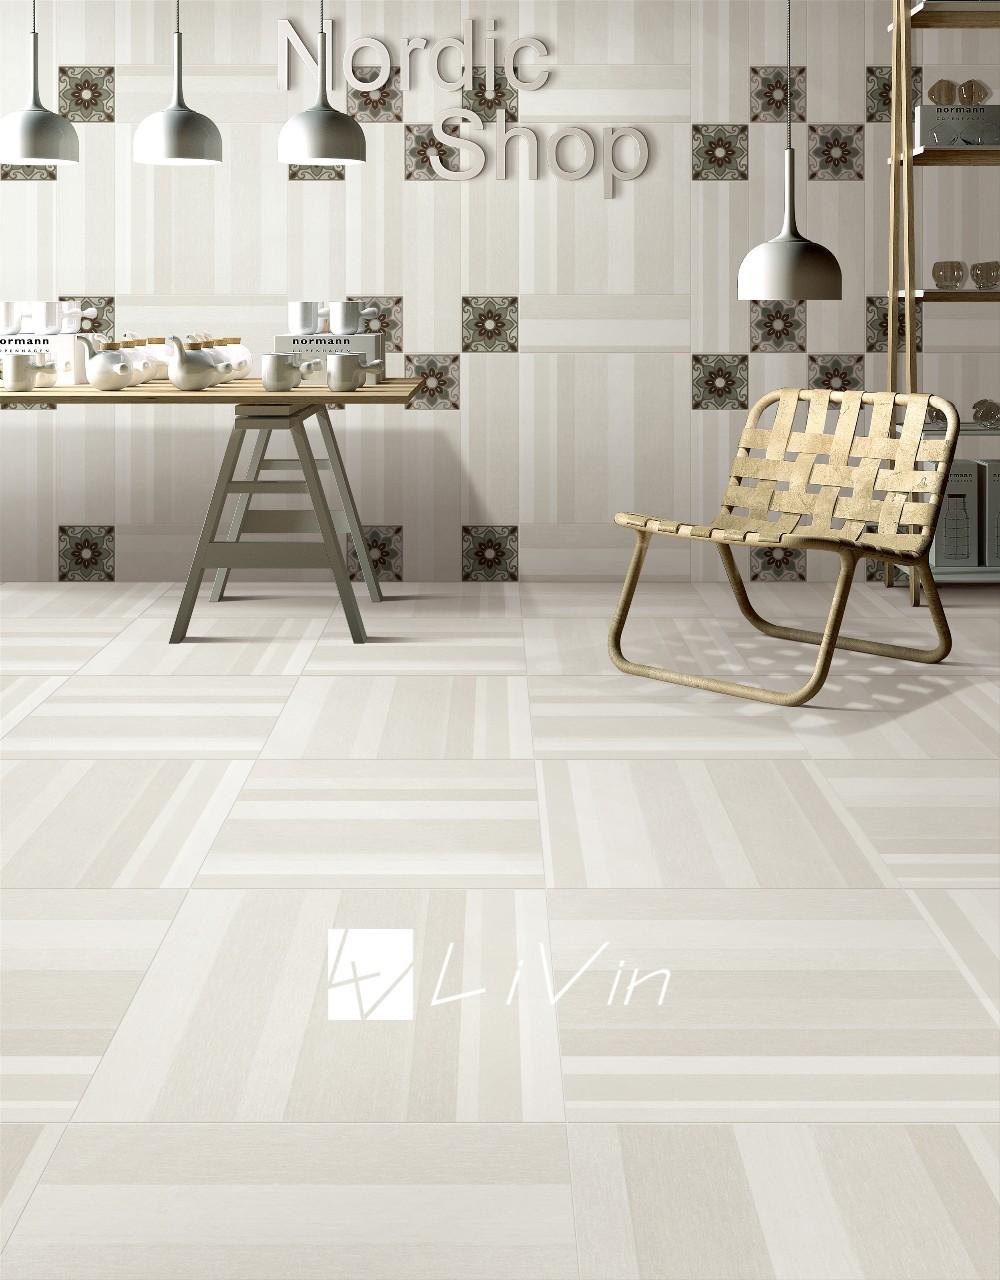 600x600 tegel vloeren lanka wandtegels badkamer ontwerpen cement ...